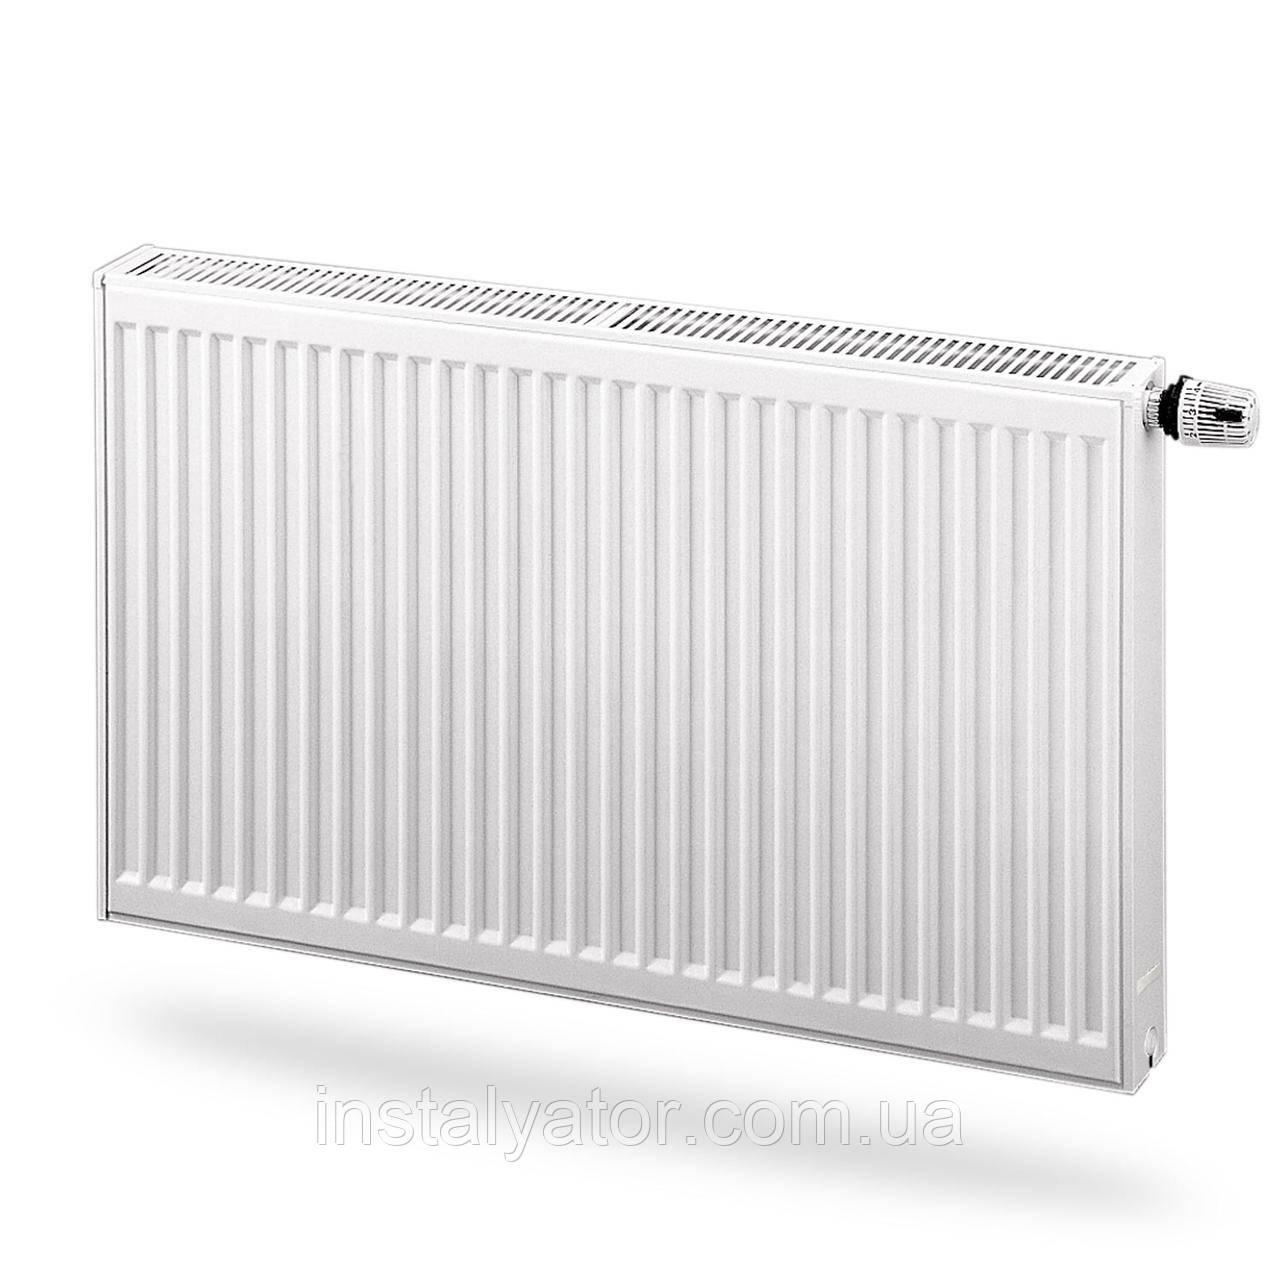 Радиатор стальной, панельный с нижним подключением PURMO Ventil Compact 11